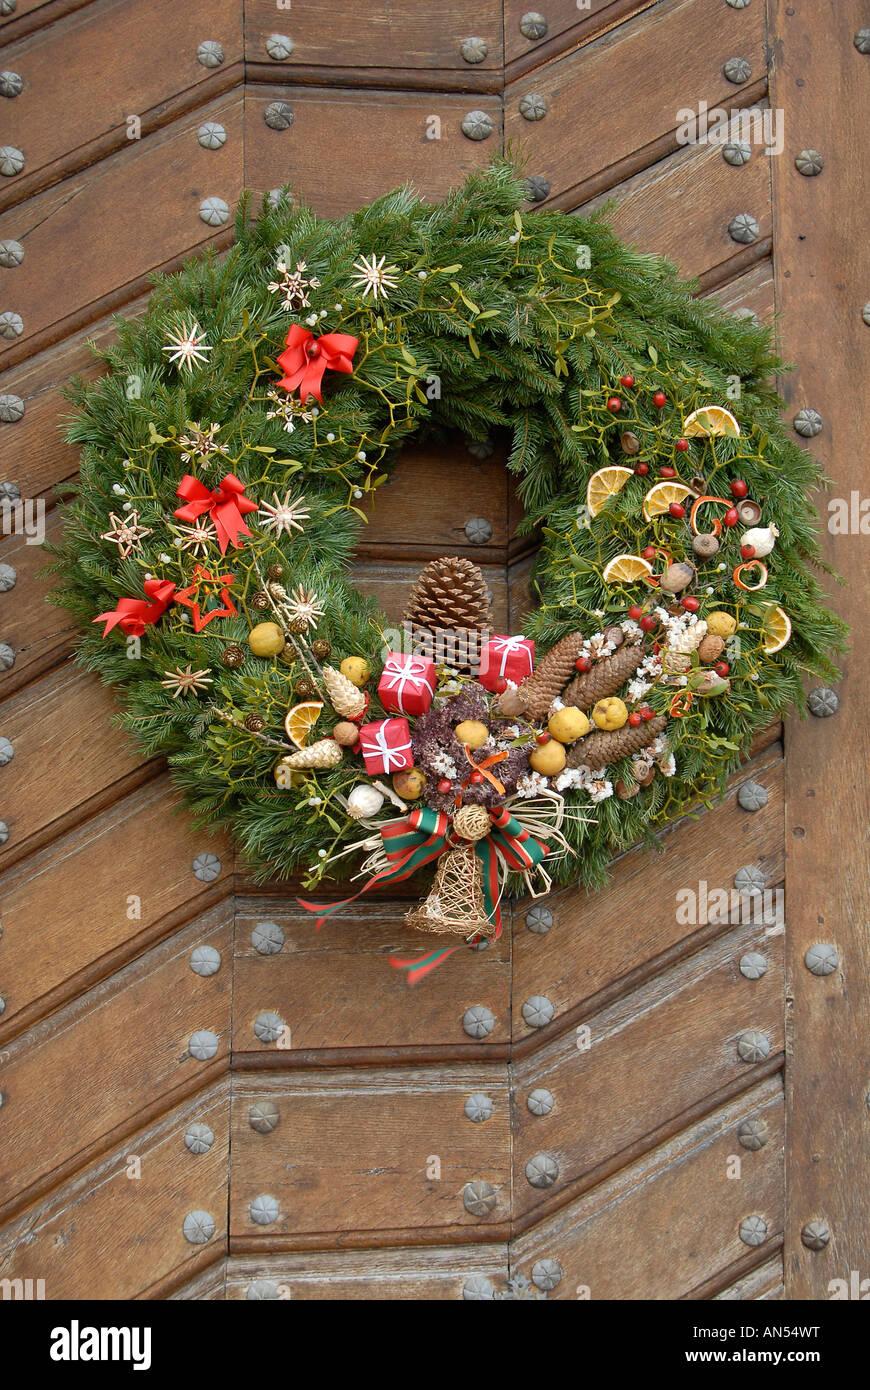 Couronne De Porte Noel Design couronne de pin de noël accroché sur une porte en bois